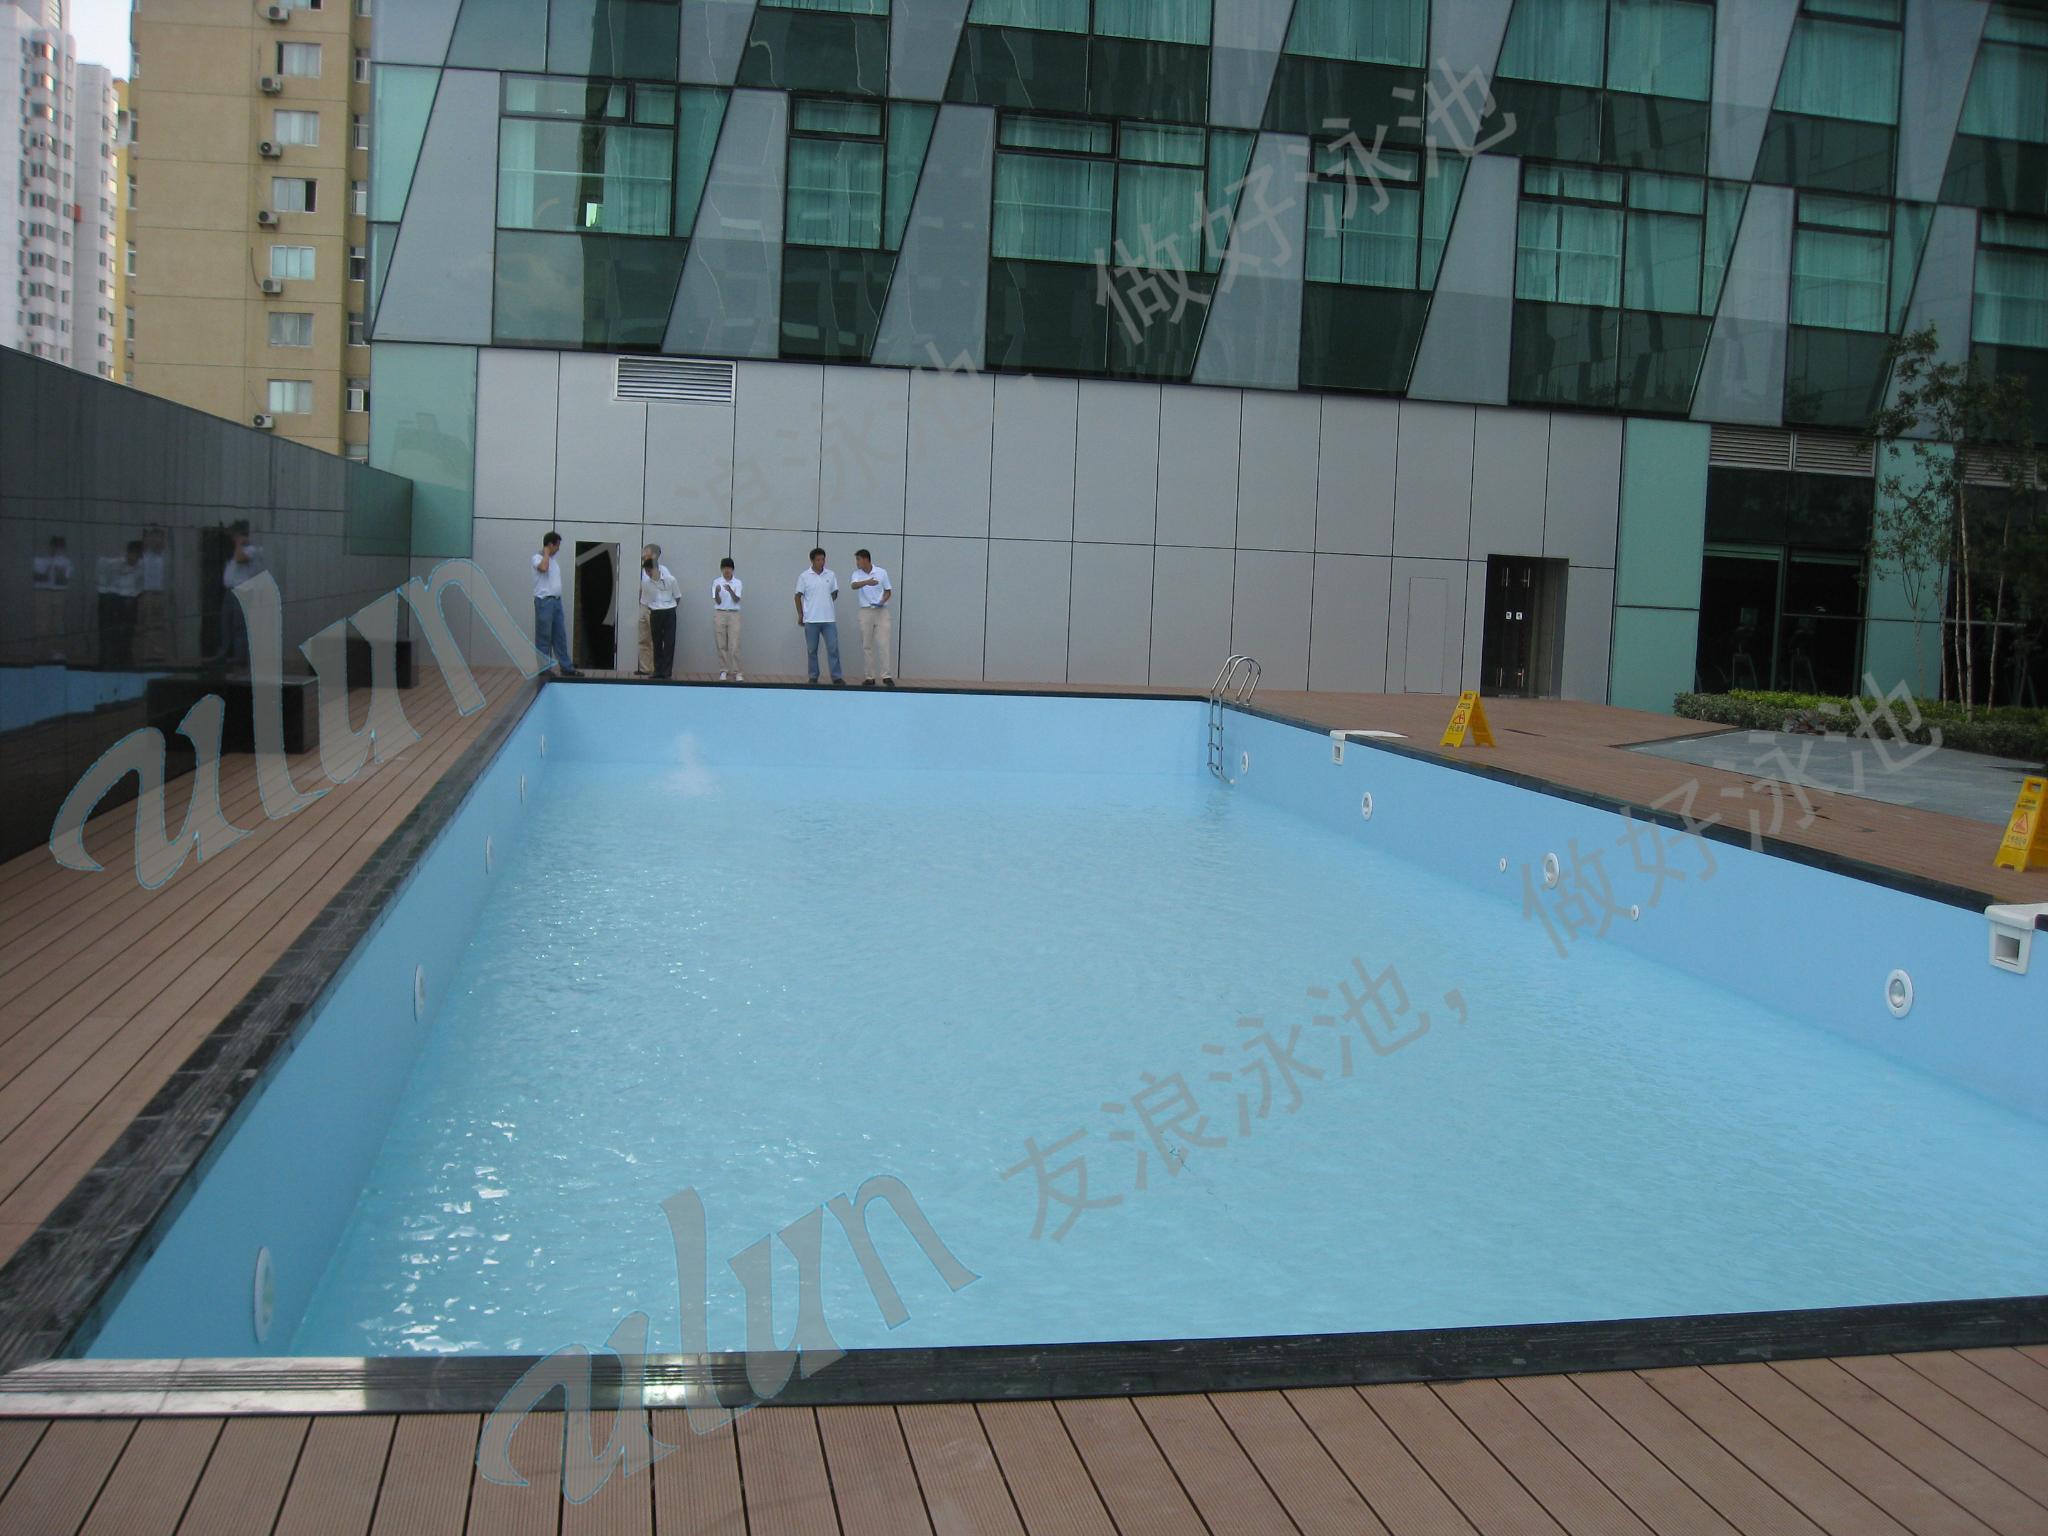 拆裝式游泳池_co土木在線圖片